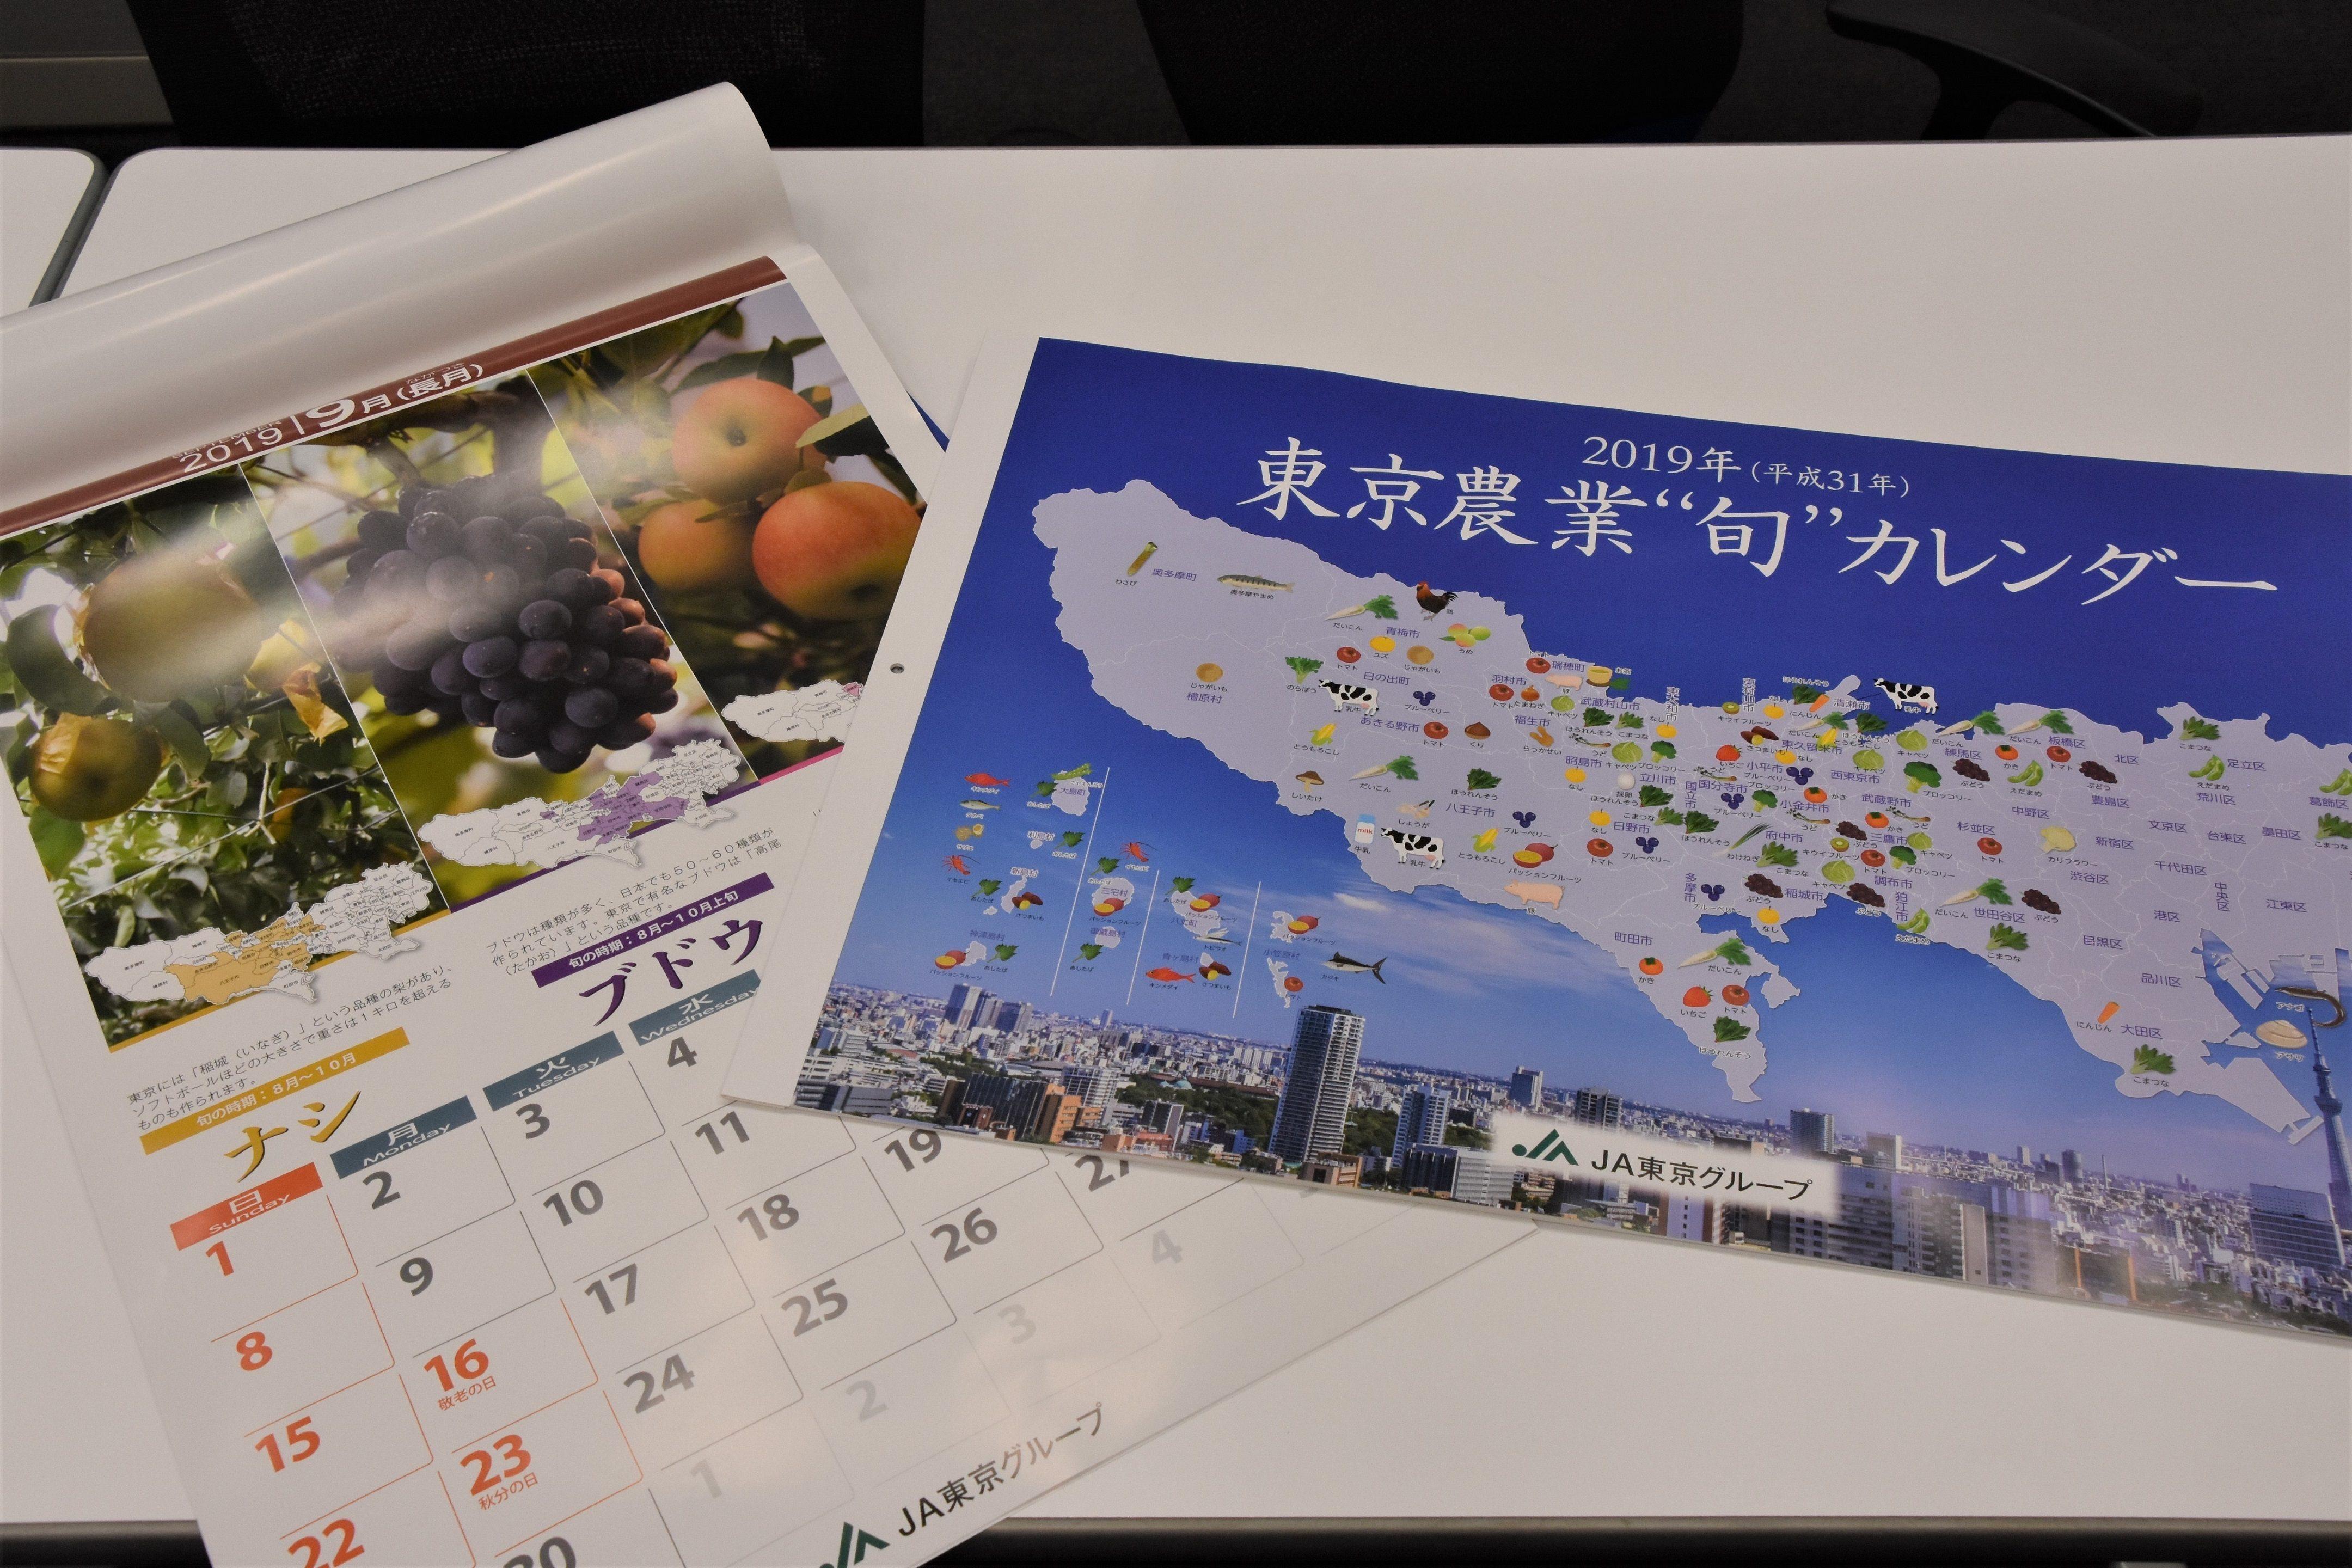 """JA東京中央会が都内の小学校に""""旬""""を学ぶカレンダーを配布  子どもたちの豊かな情操教育に貢献するための教育資材として作成"""